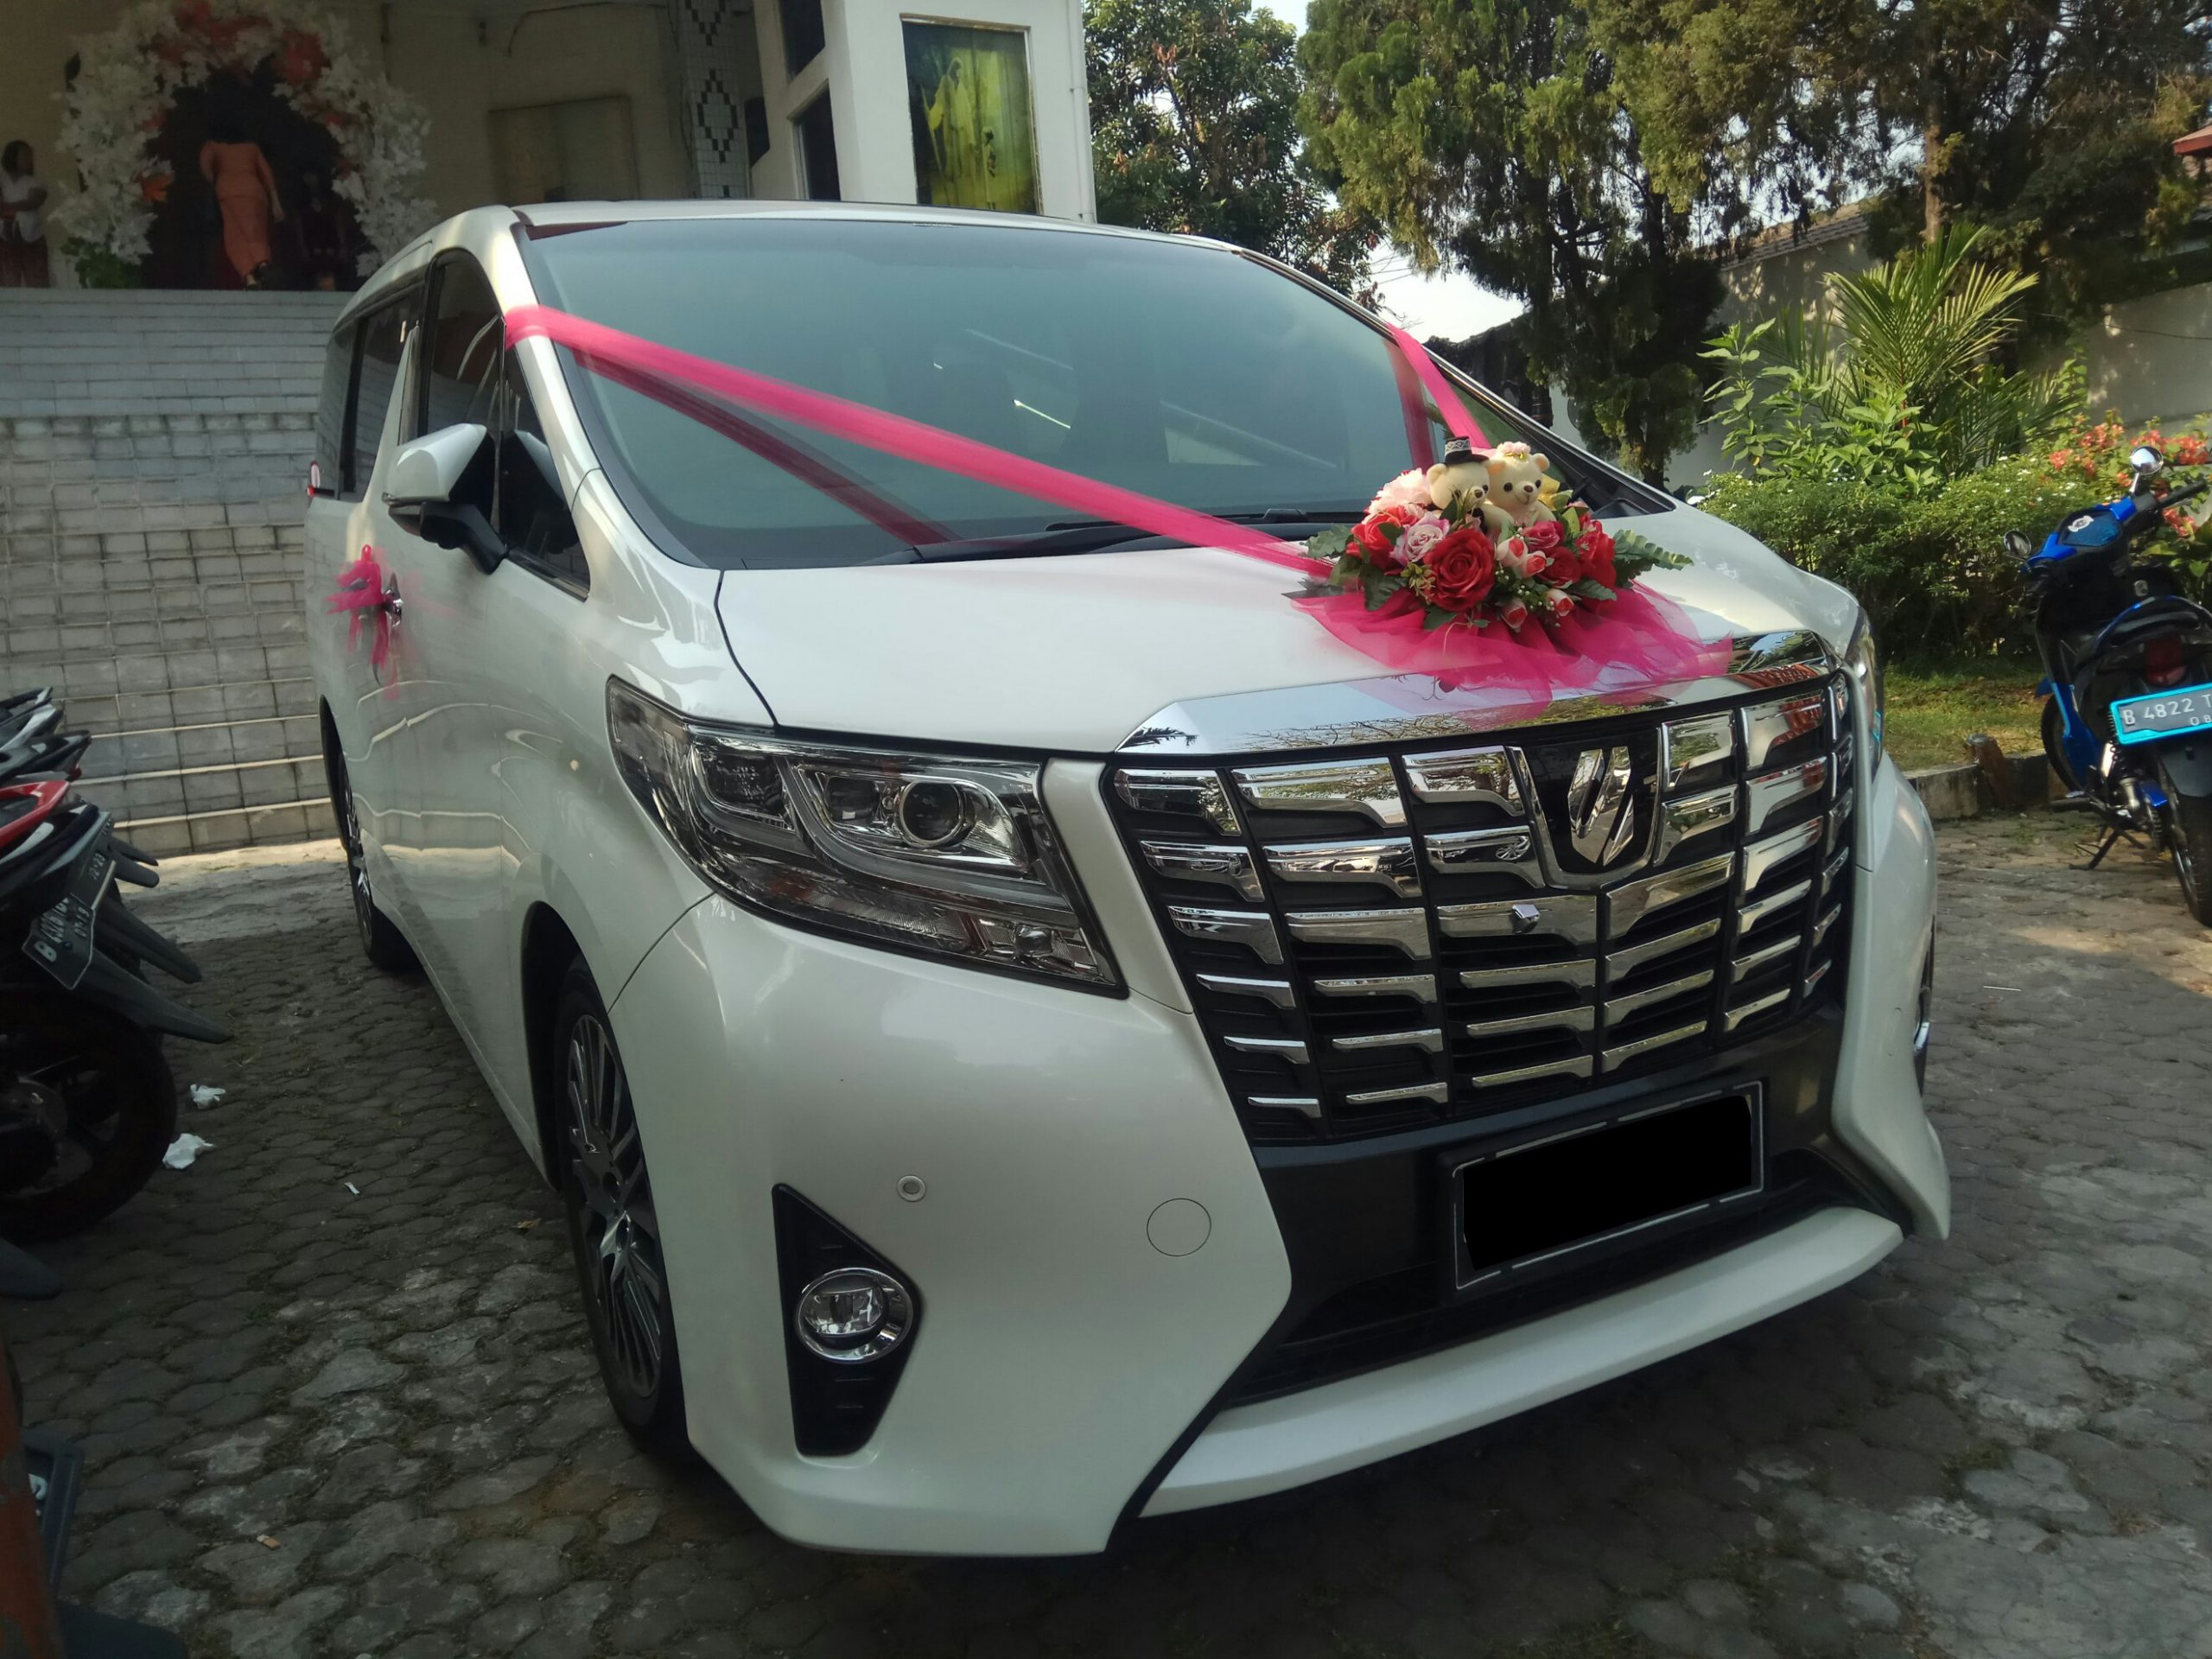 Apakah Penting Menyewa Wedding Car di Acara Pernikahan? Ini Jawabannya!